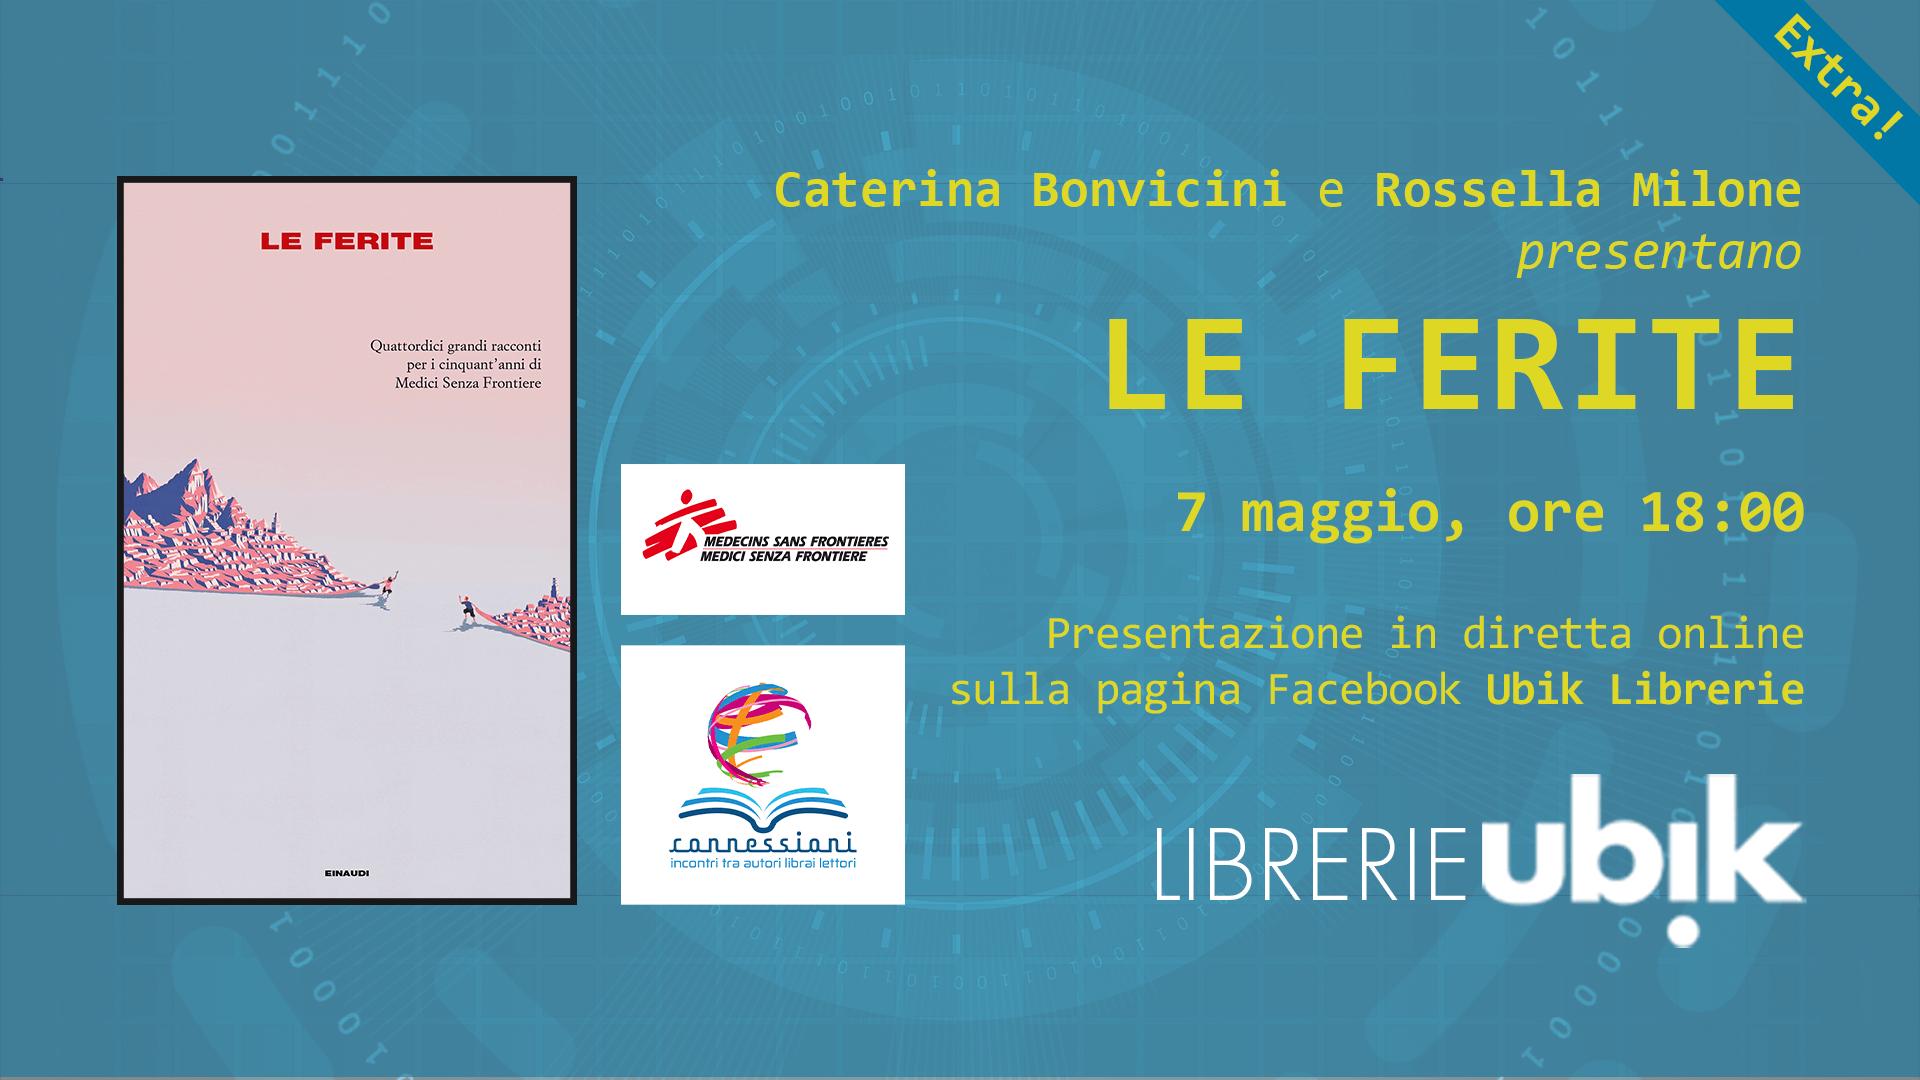 CATERINA BONVICINI e ROSSELLA MILONE presentano in diretta online